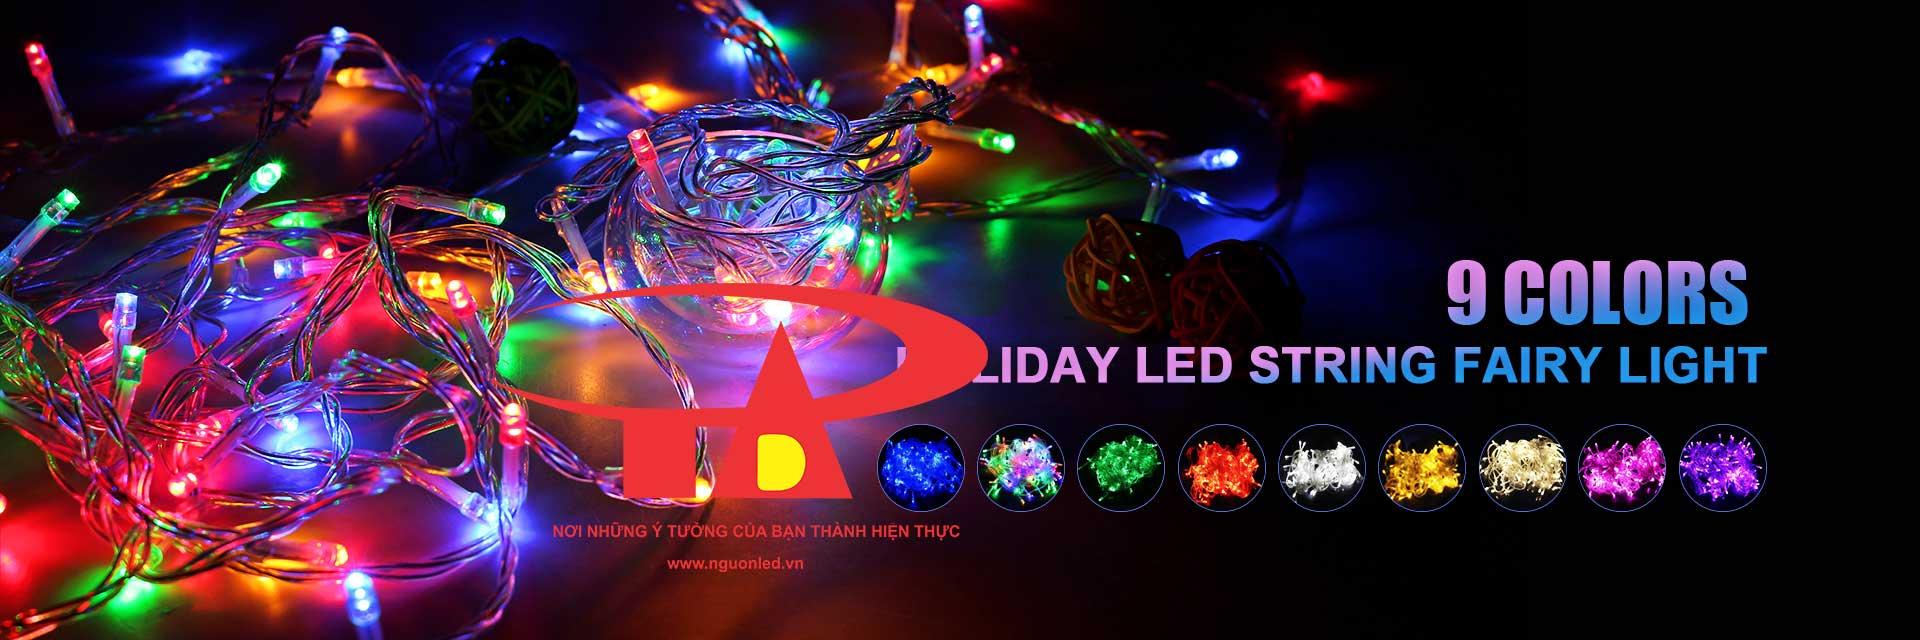 Xem thêm đèn trang trí noel, quán cà phê, nhà hàng tại nguonled.vn